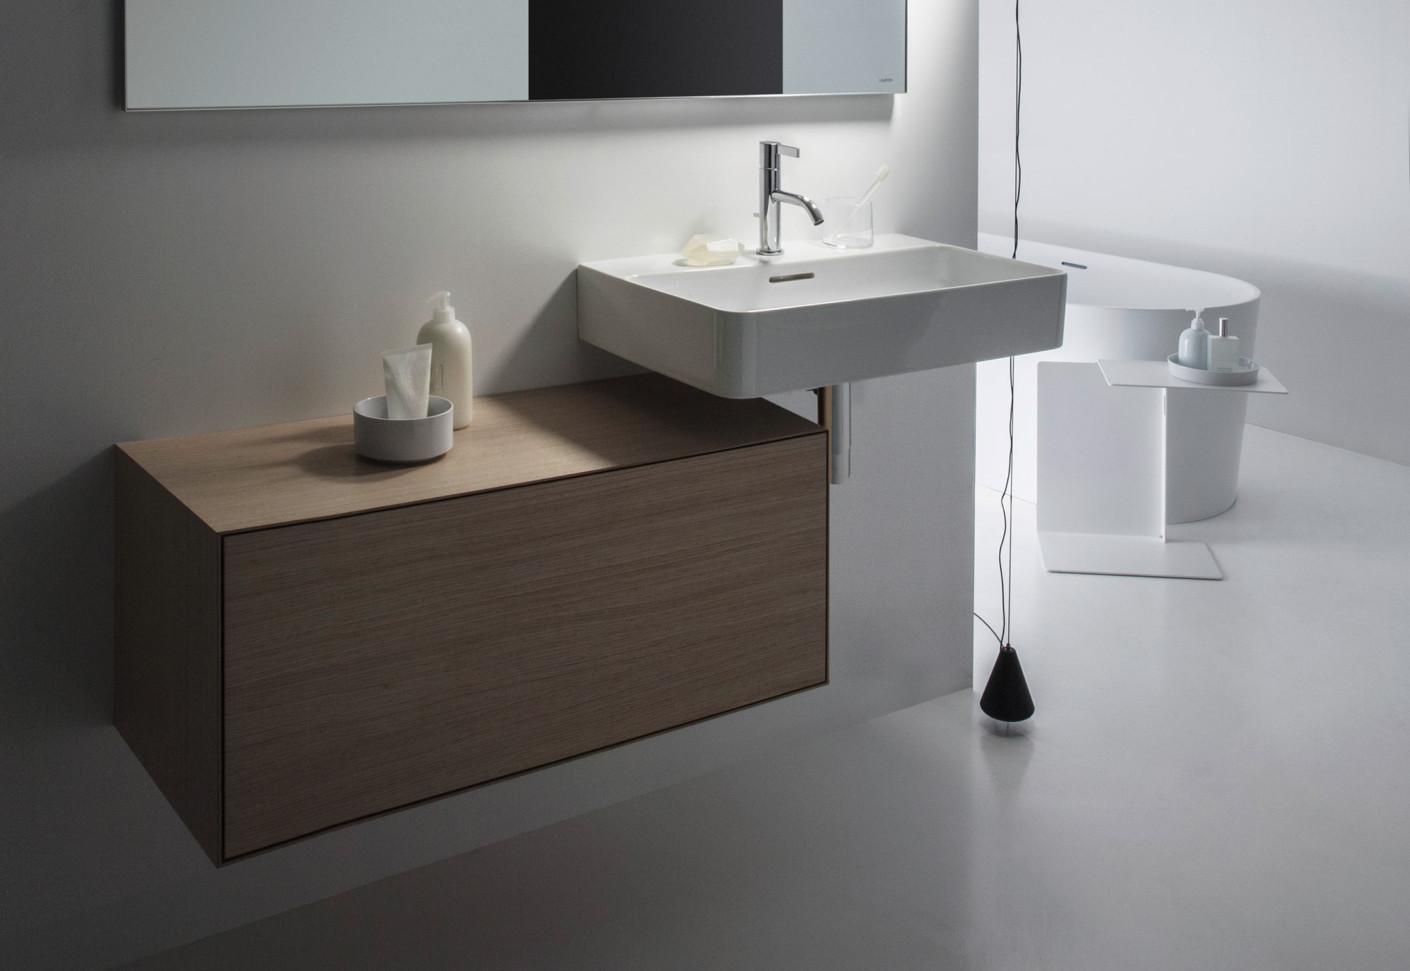 Boutique vanity unit by Laufen  STYLEPARK # Wasbak Laufen_182708